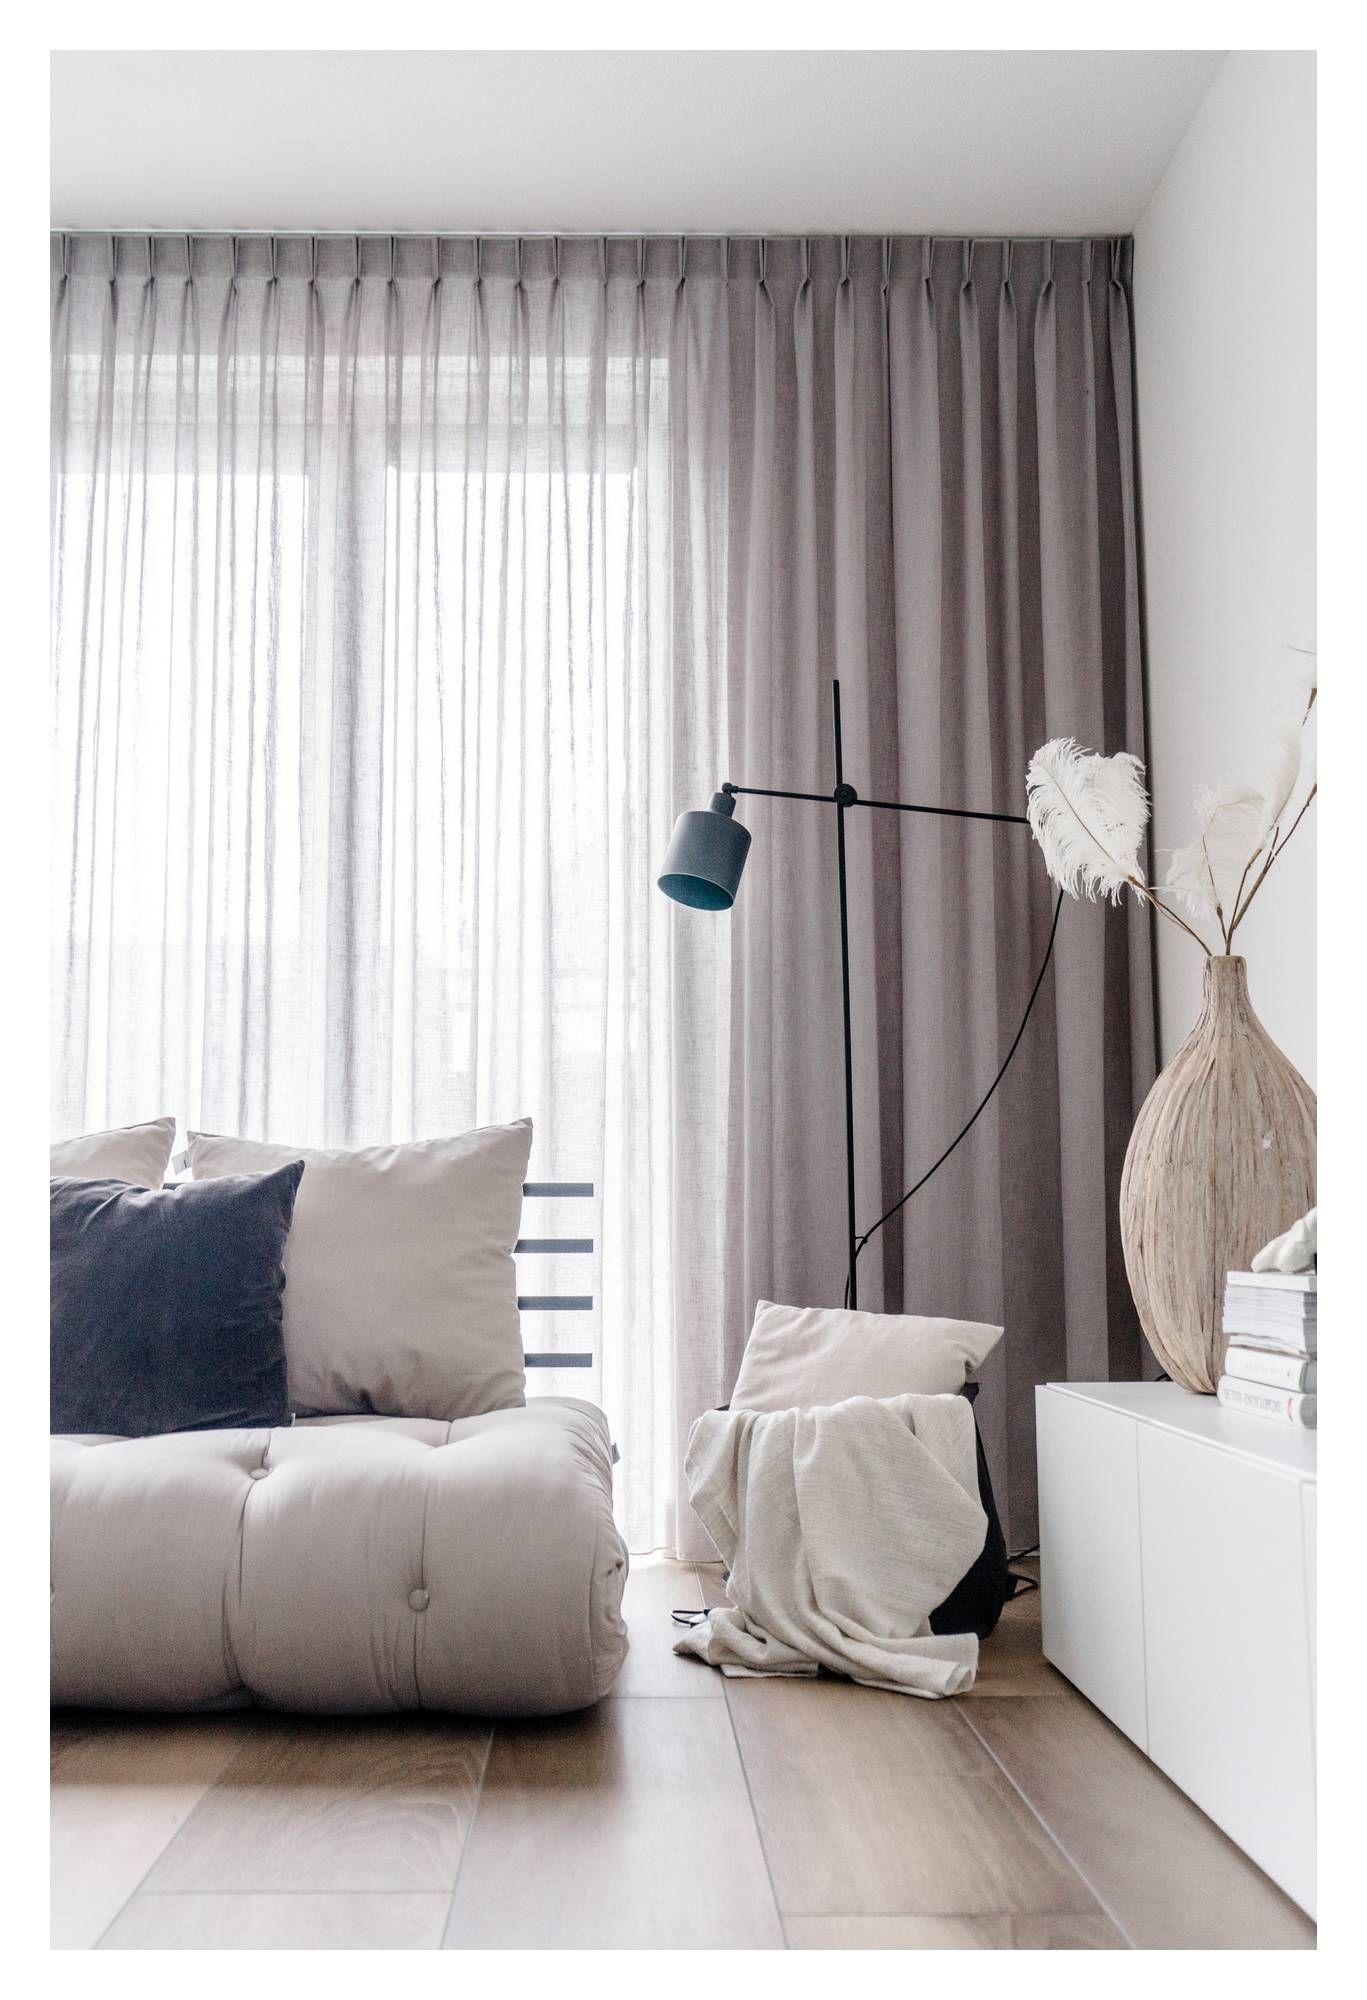 SHIN SANO - Sofa - Blå - Lyseblå sovesofa